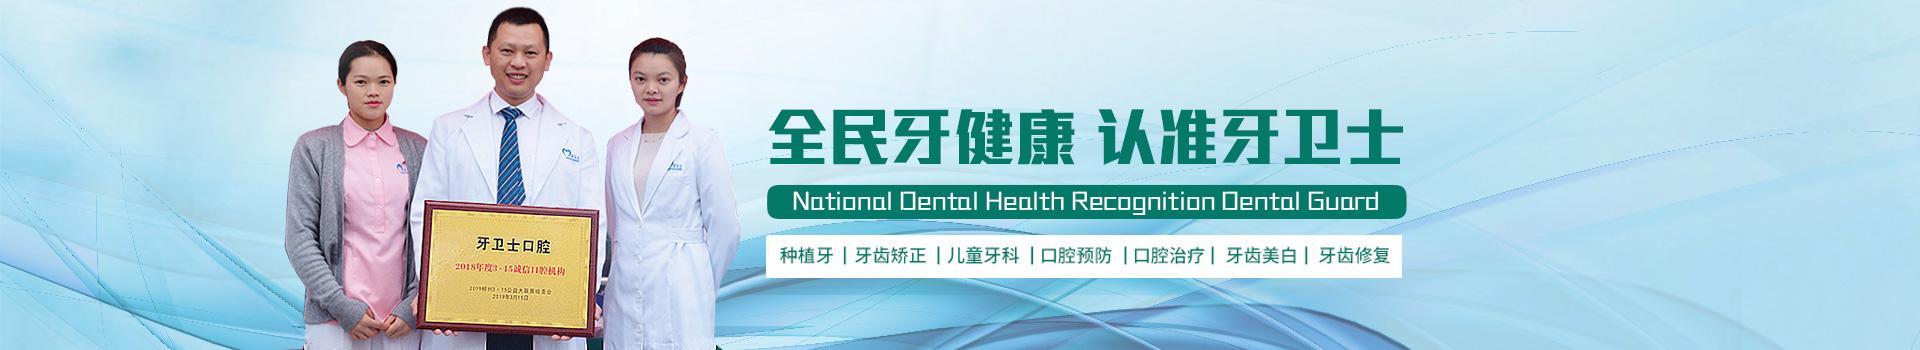 全民牙健康 认准牙卫士